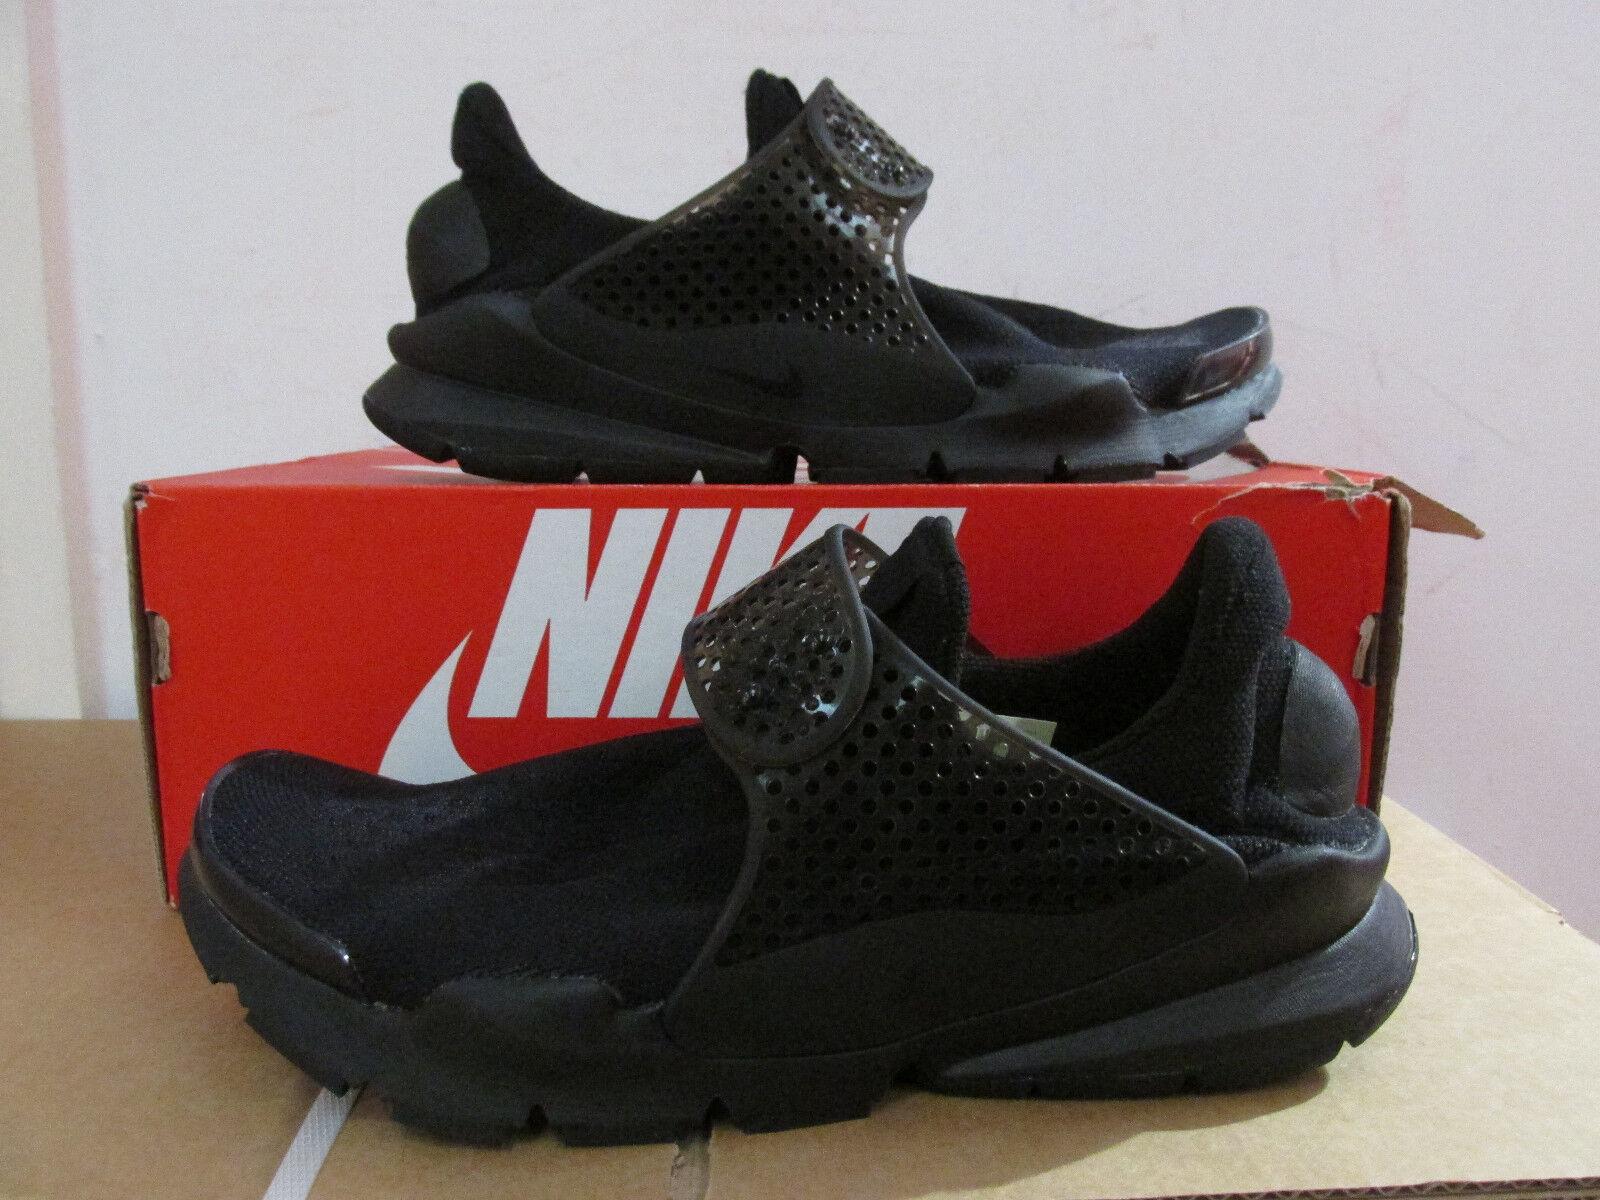 Nike sock dardo 819686 Uomo correndo i formatori 819686 dardo 001 scarpe, scarpe di autorizzazione d408cd